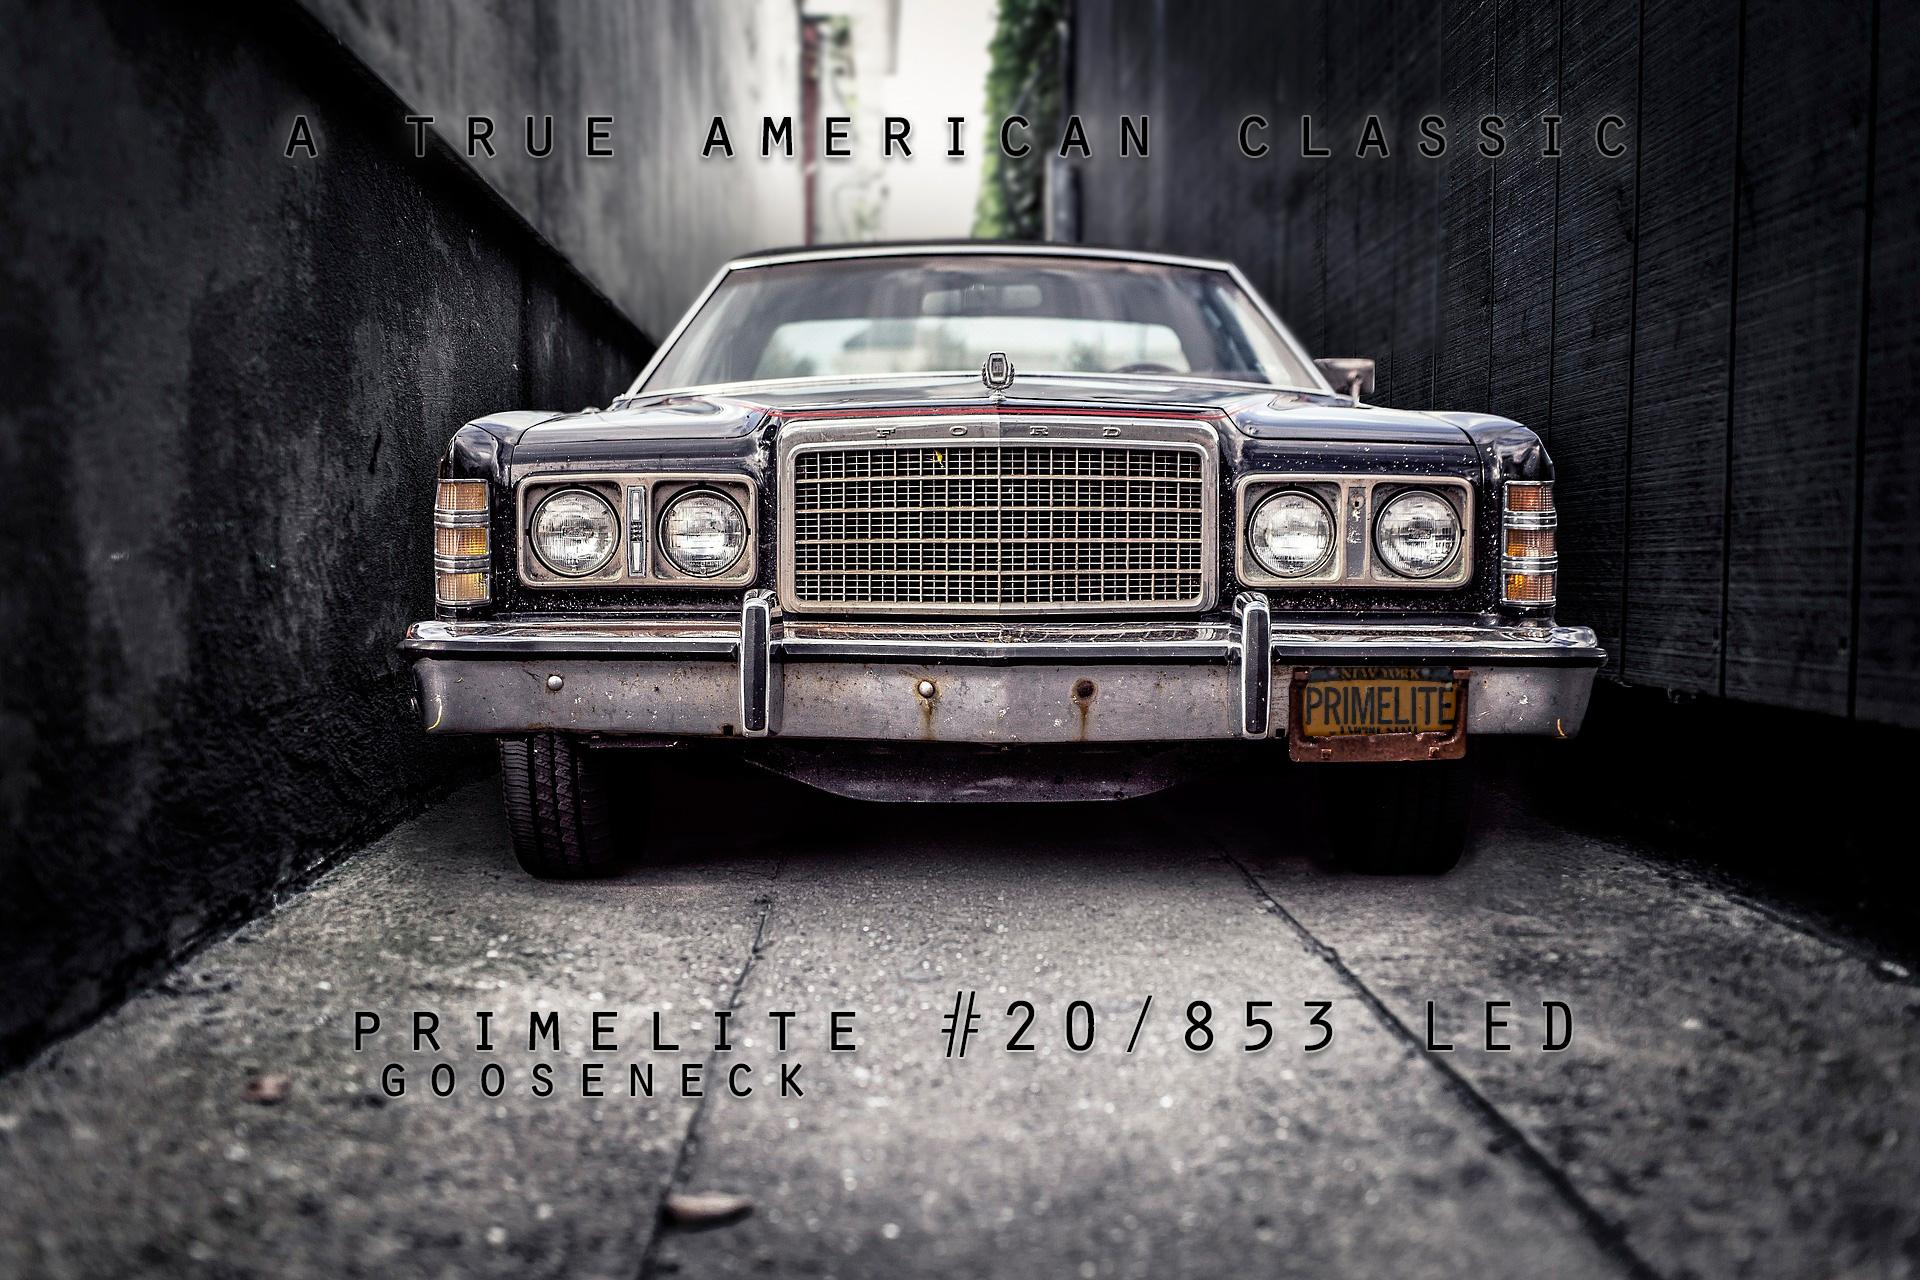 Primelite Mfg - Still frame from promotional video